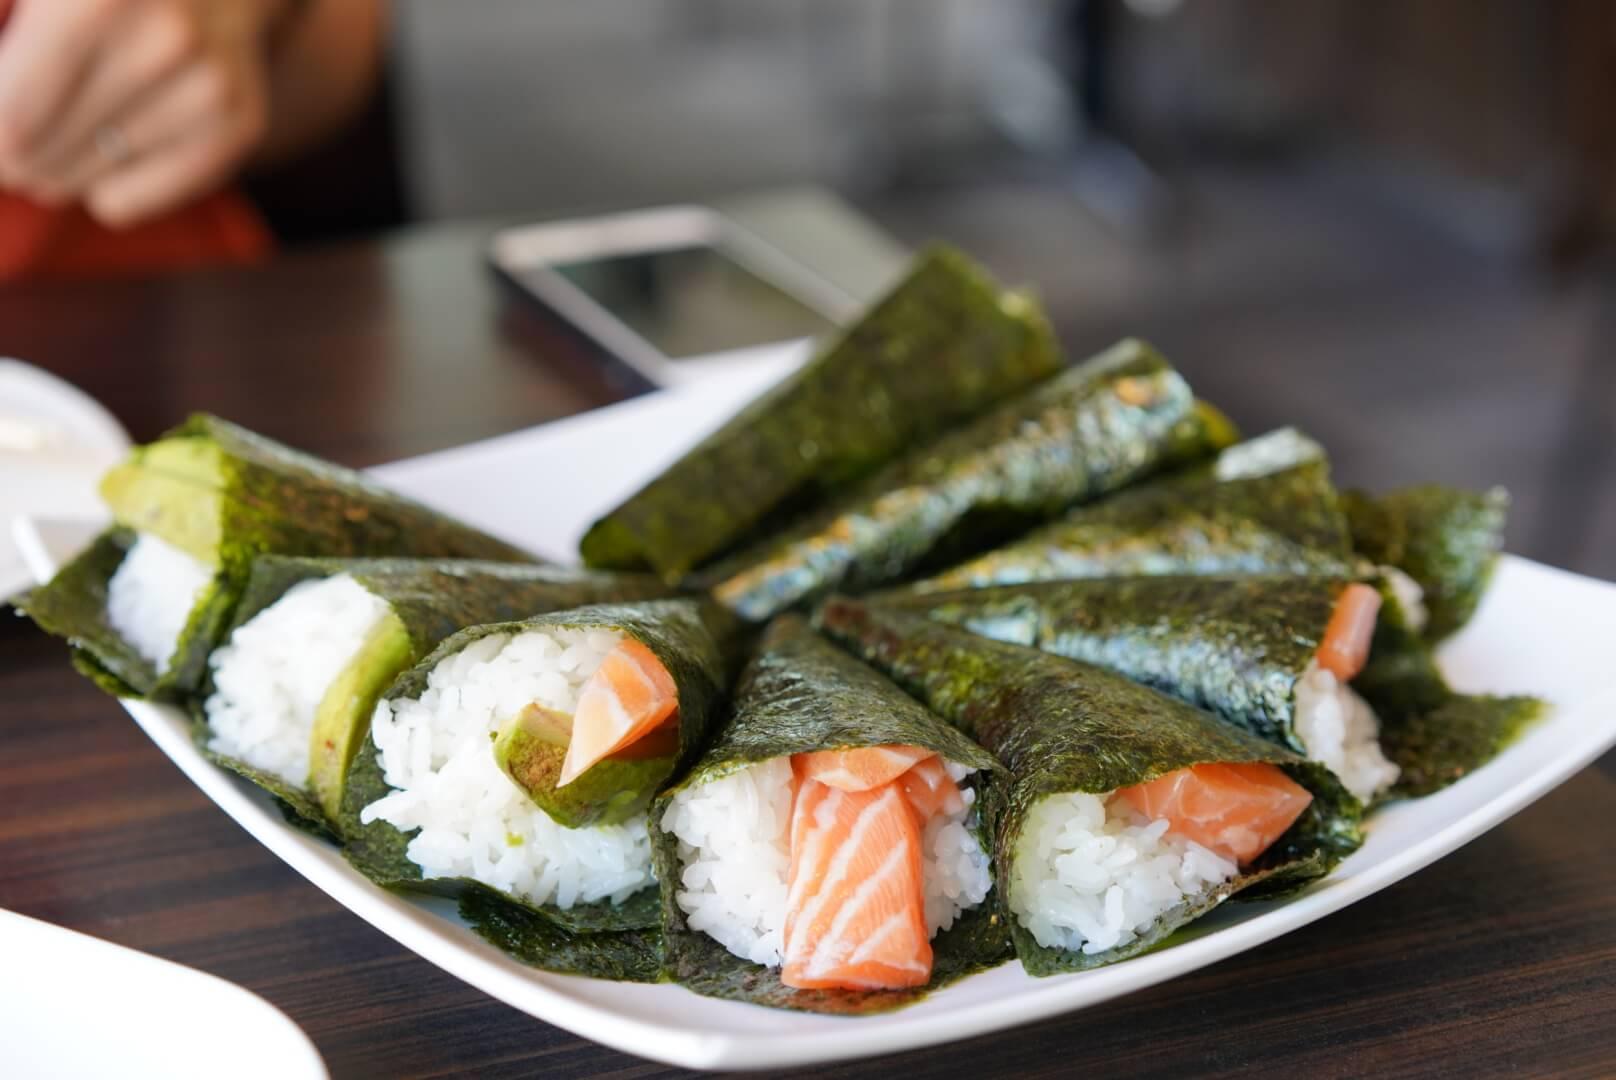 kyoto house sushiの手巻き寿司